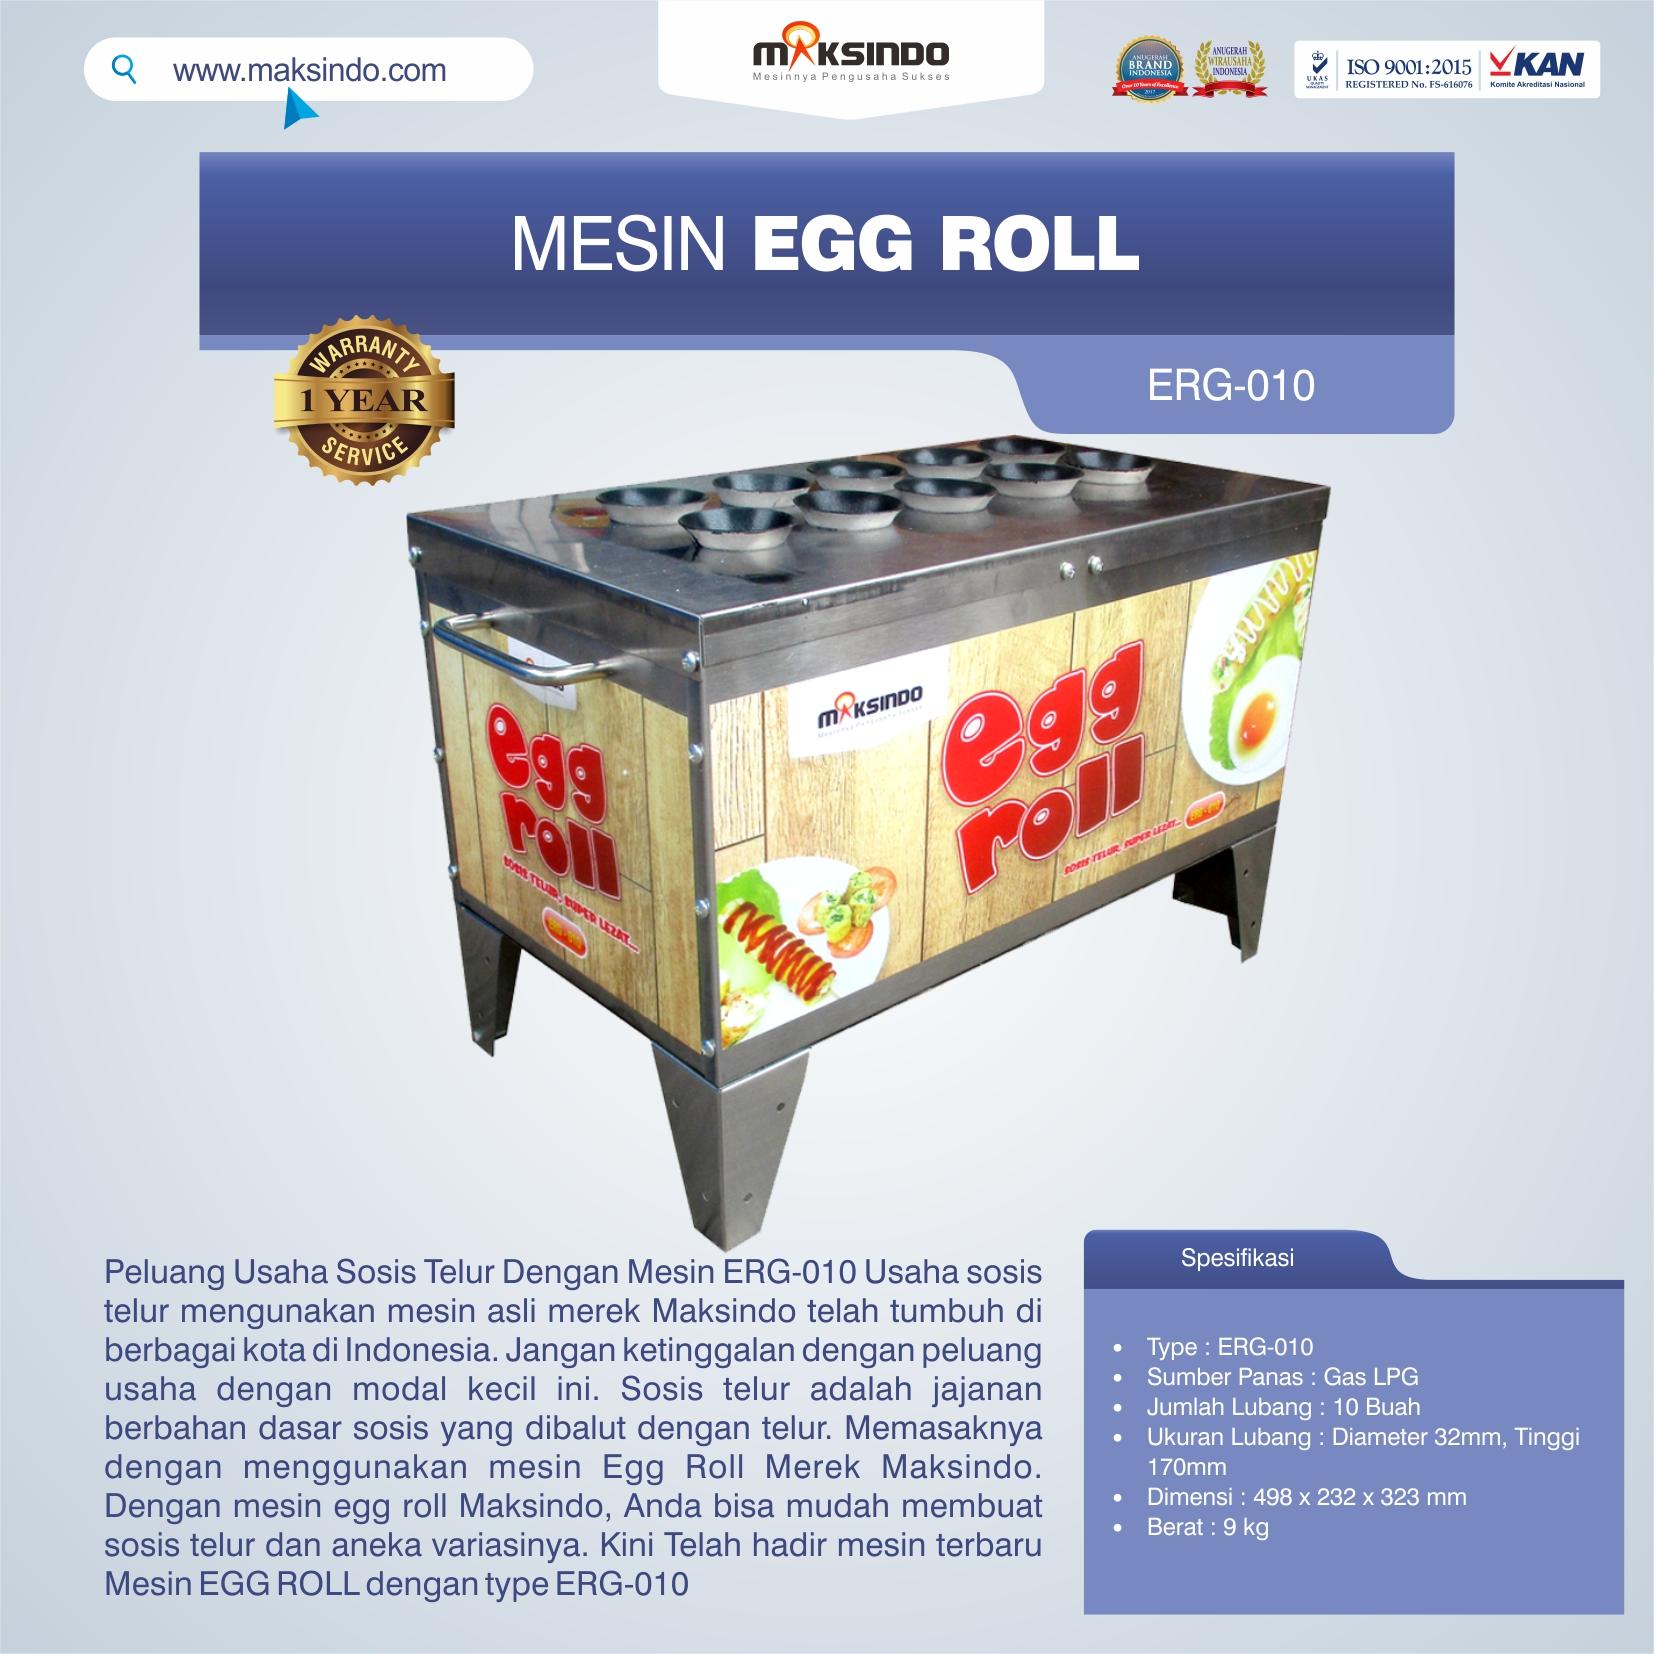 Jual Mesin Pembuat Egg Roll ERG-010 di Medan